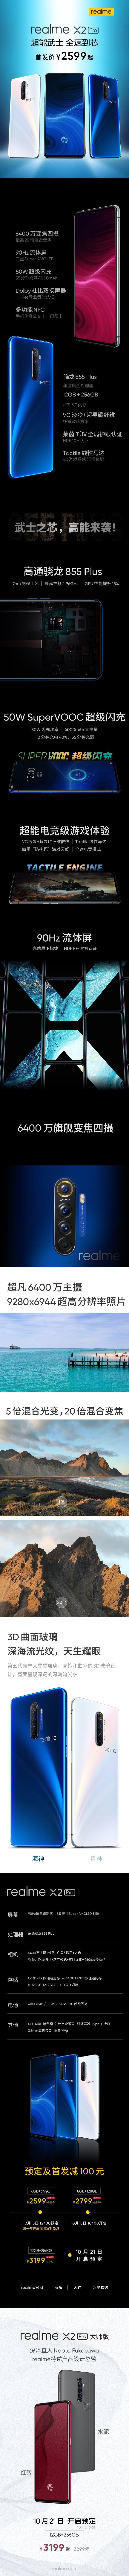 一图看懂全新realme X2 Pro-玩懂手机网 - 玩懂手机第一手的手机资讯网(www.wdshouji.com)